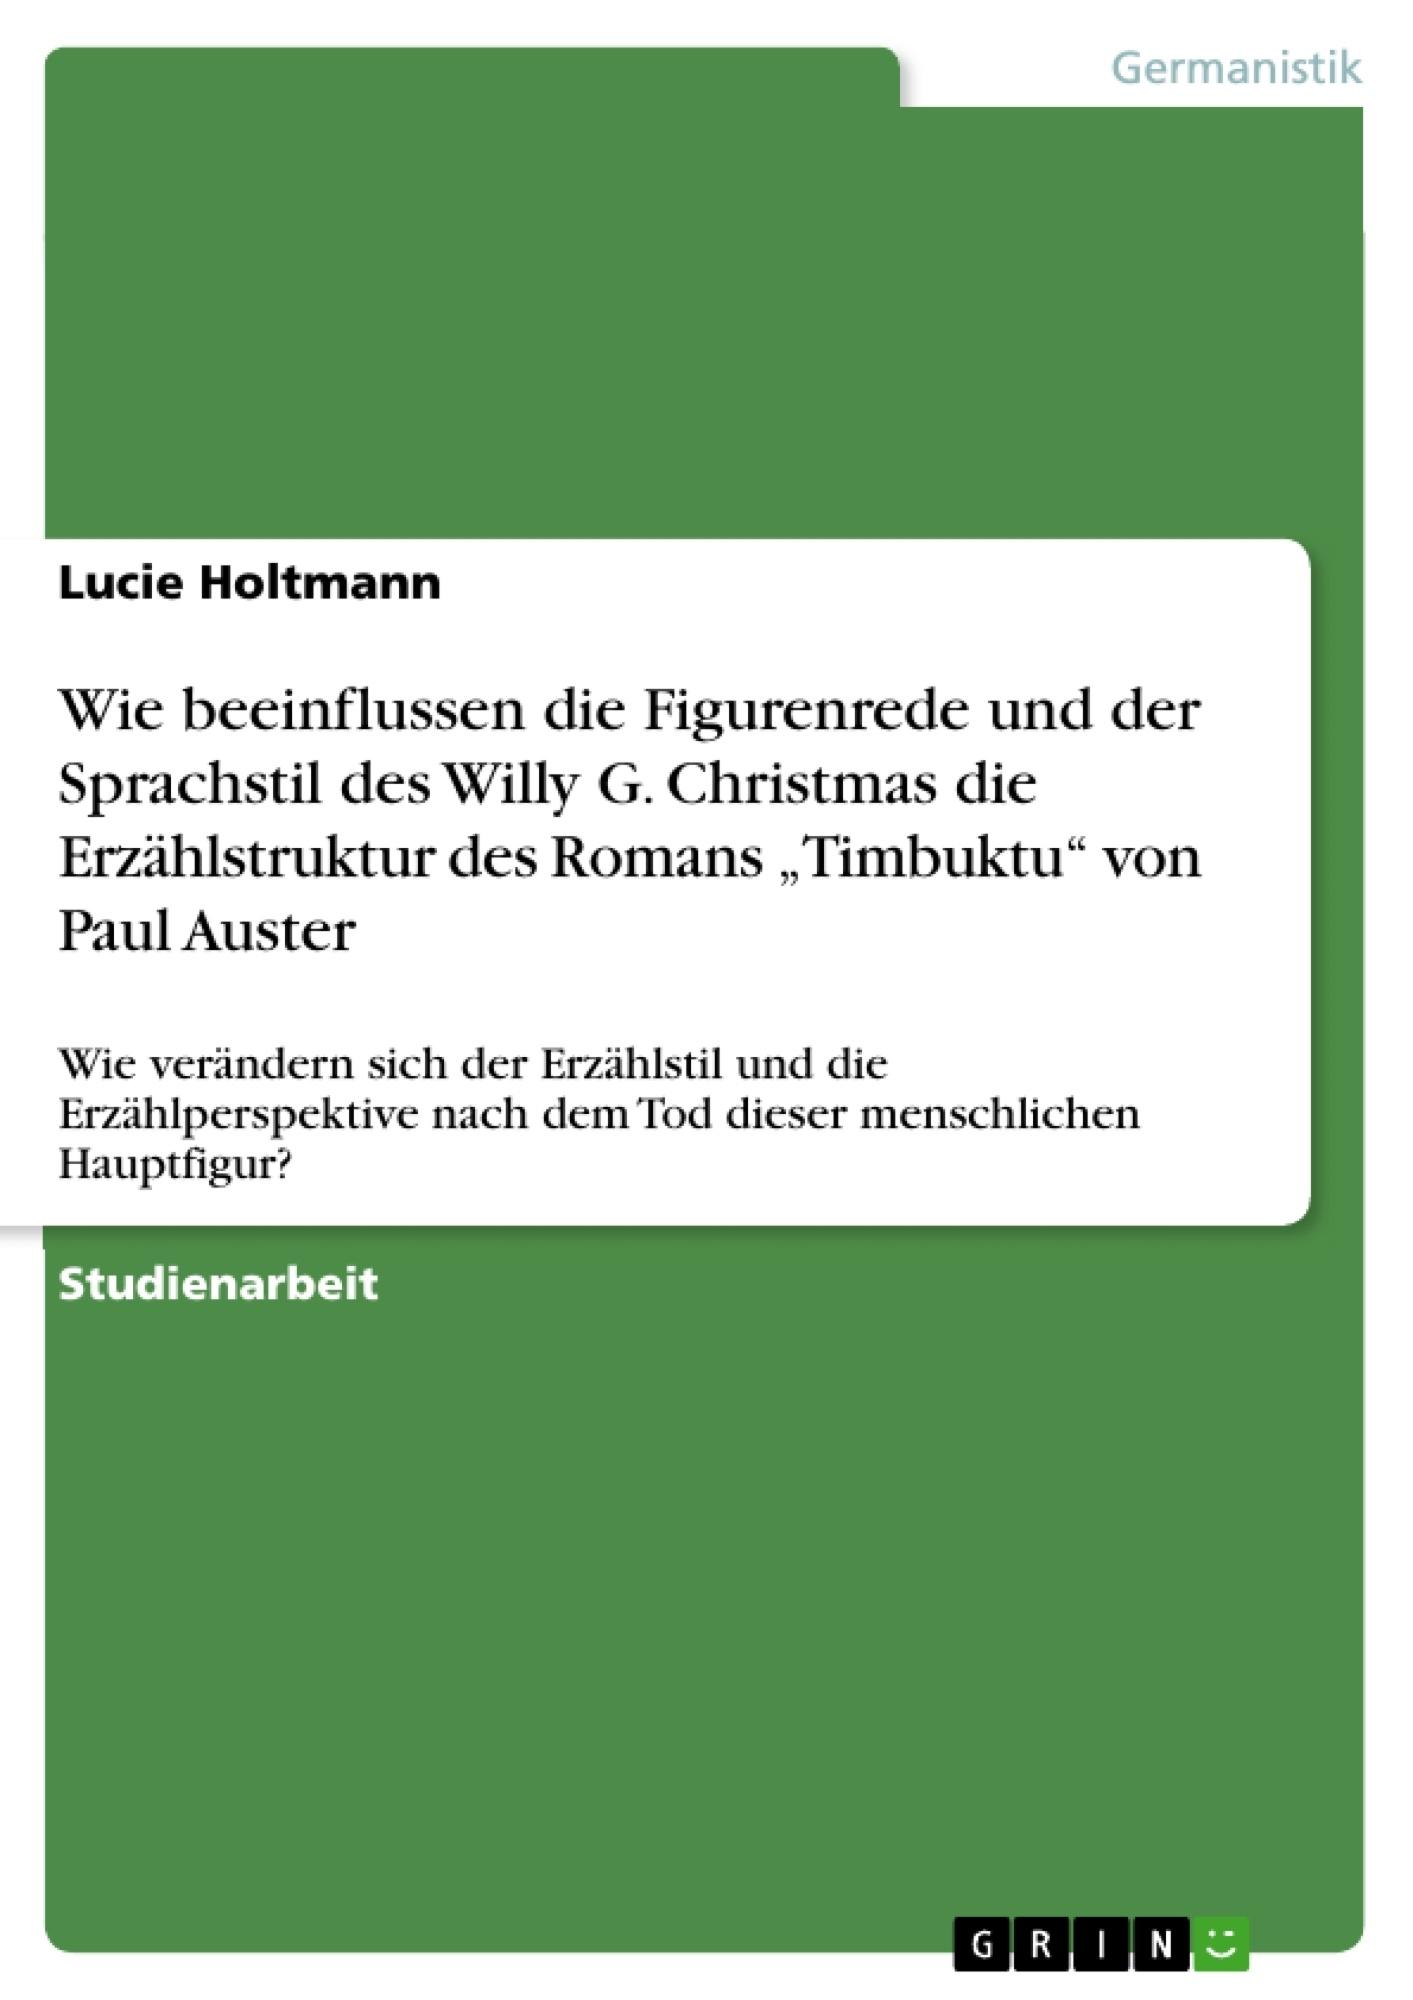 """Titel: Wie beeinflussen die Figurenrede und der Sprachstil des Willy G. Christmas die Erzählstruktur des Romans """"Timbuktu"""" von Paul Auster"""